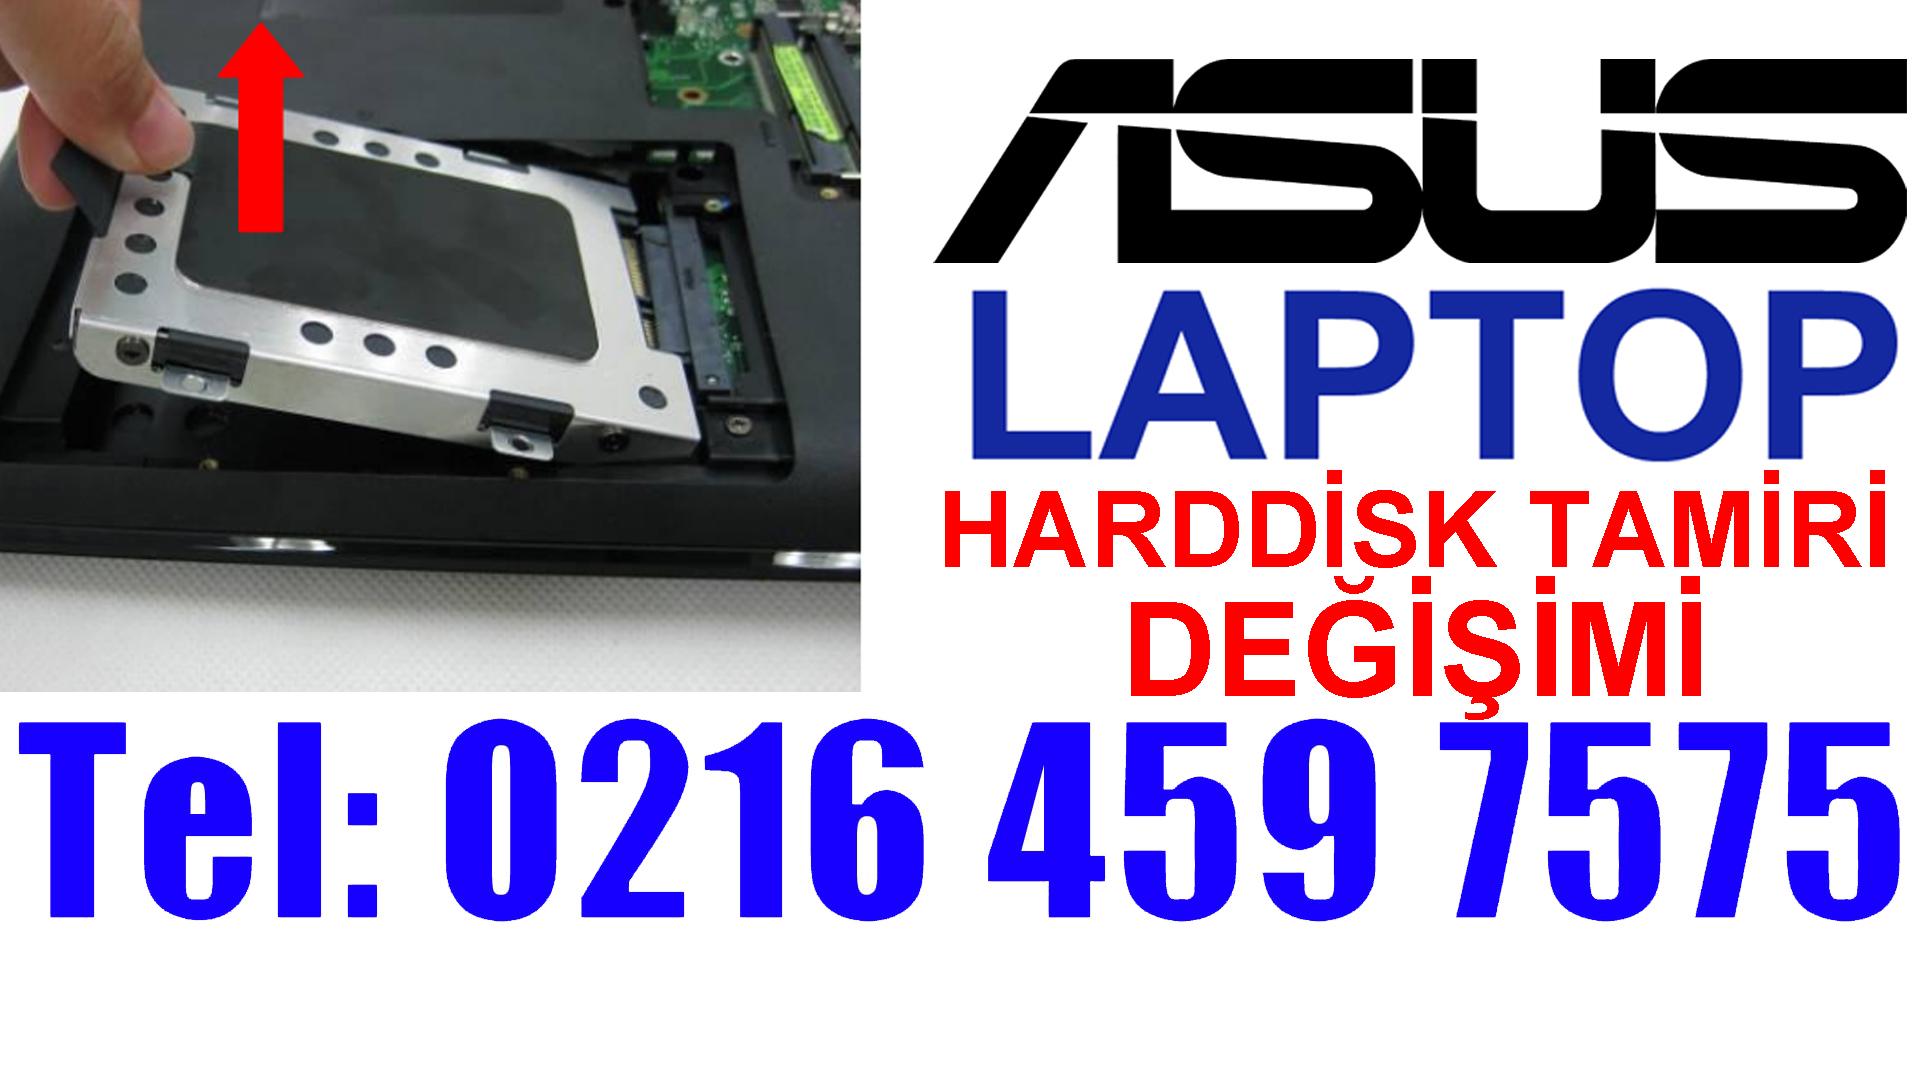 Asus Laptop Harddisk Tamiri ve Değişimi